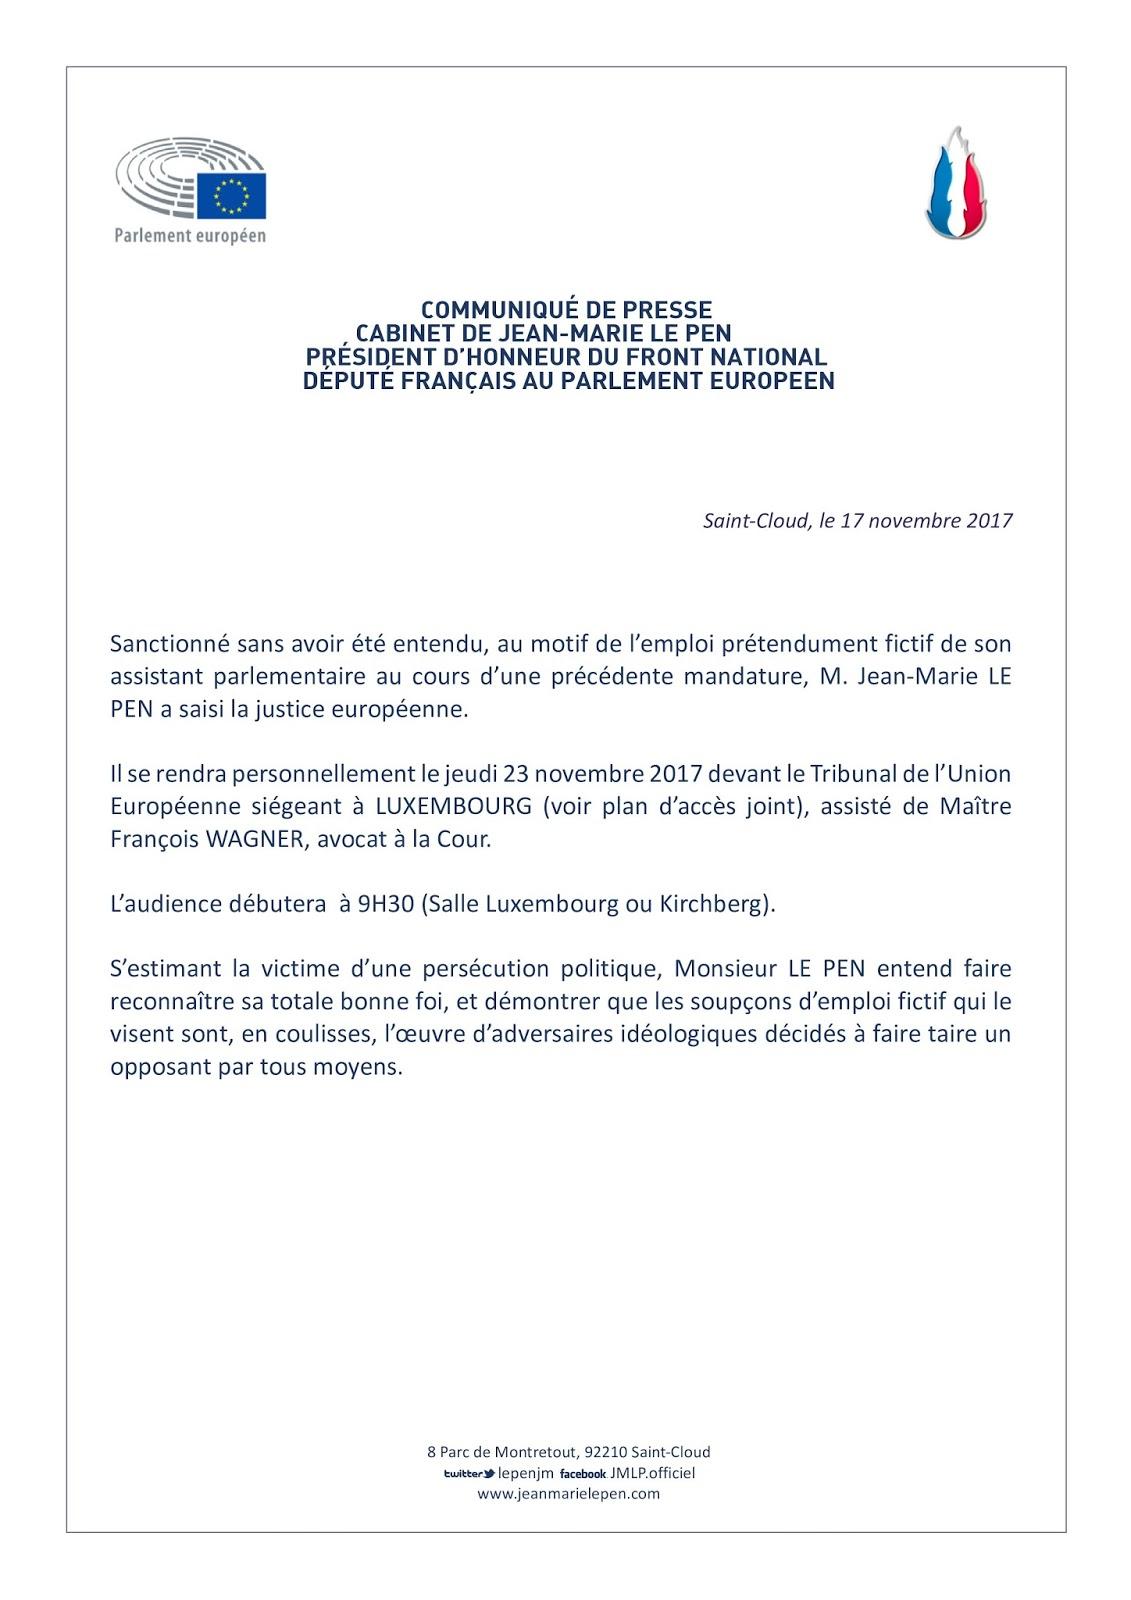 Communiqué de presse du Cabinet de Jean-Marie LE PEN